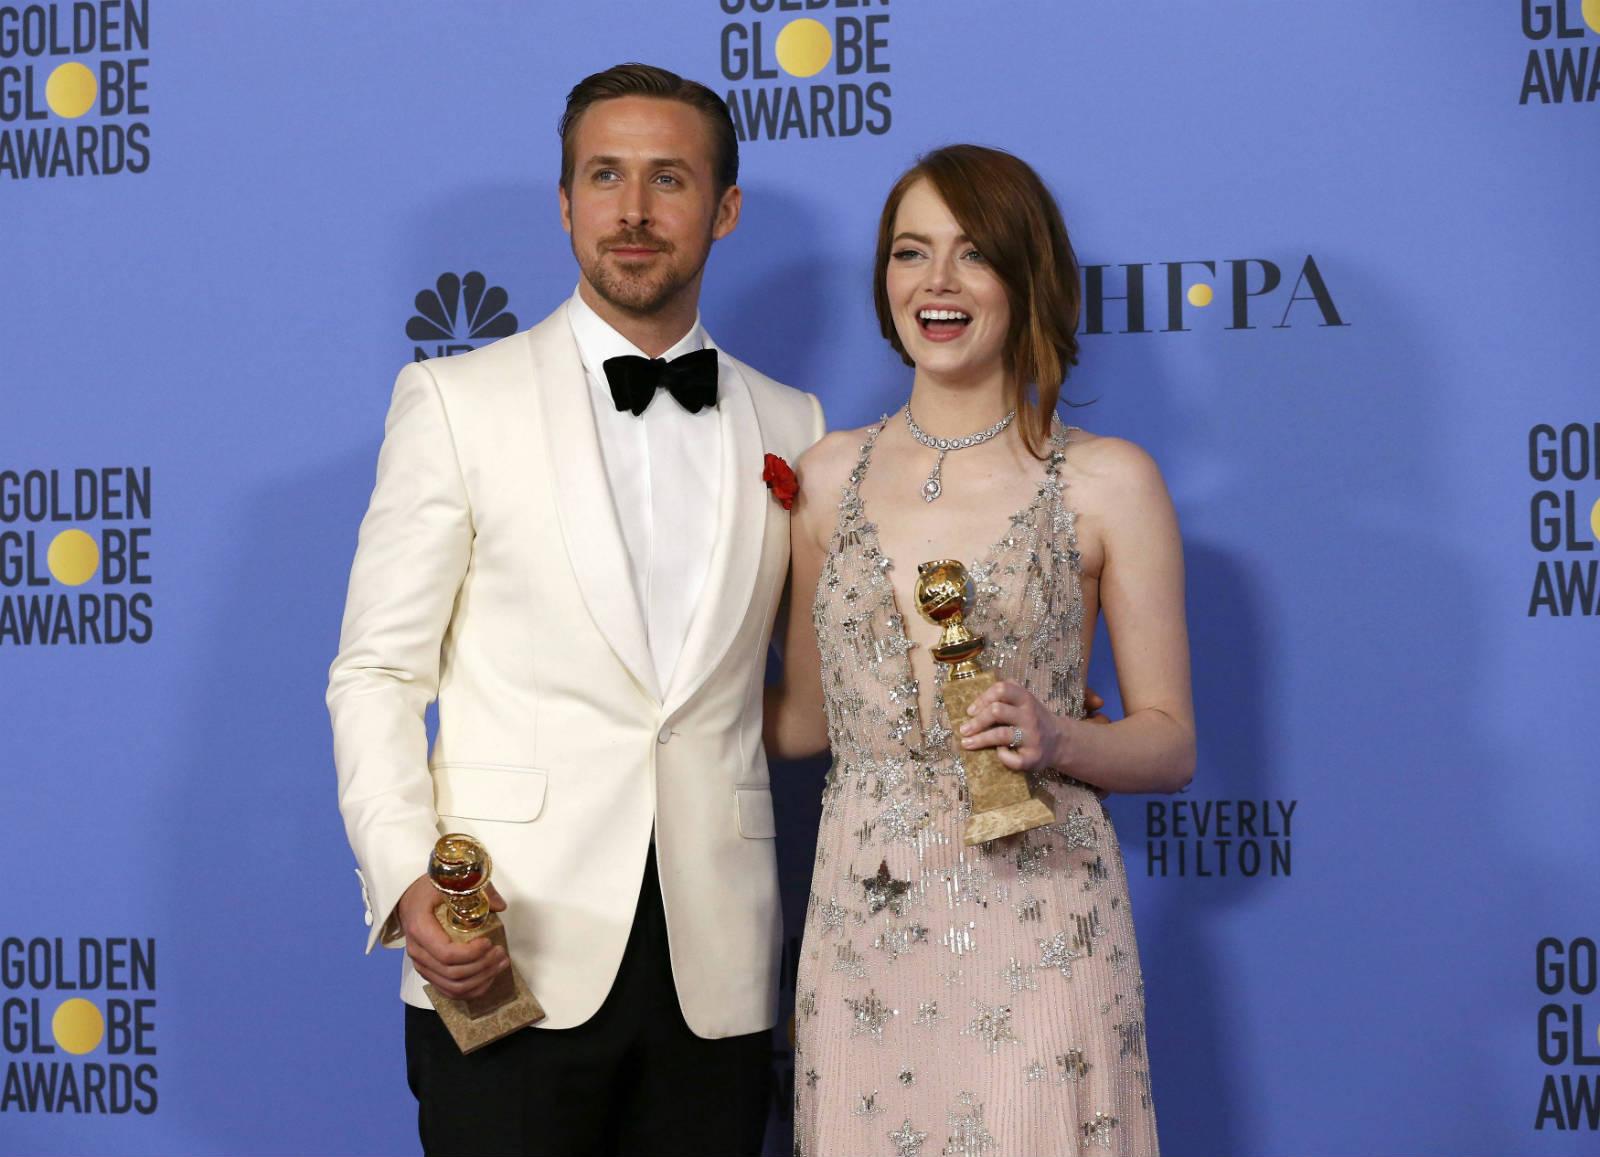 「星聲夢裡人」榮奪 7 個金球奬獎項。 圖片來源:路透社